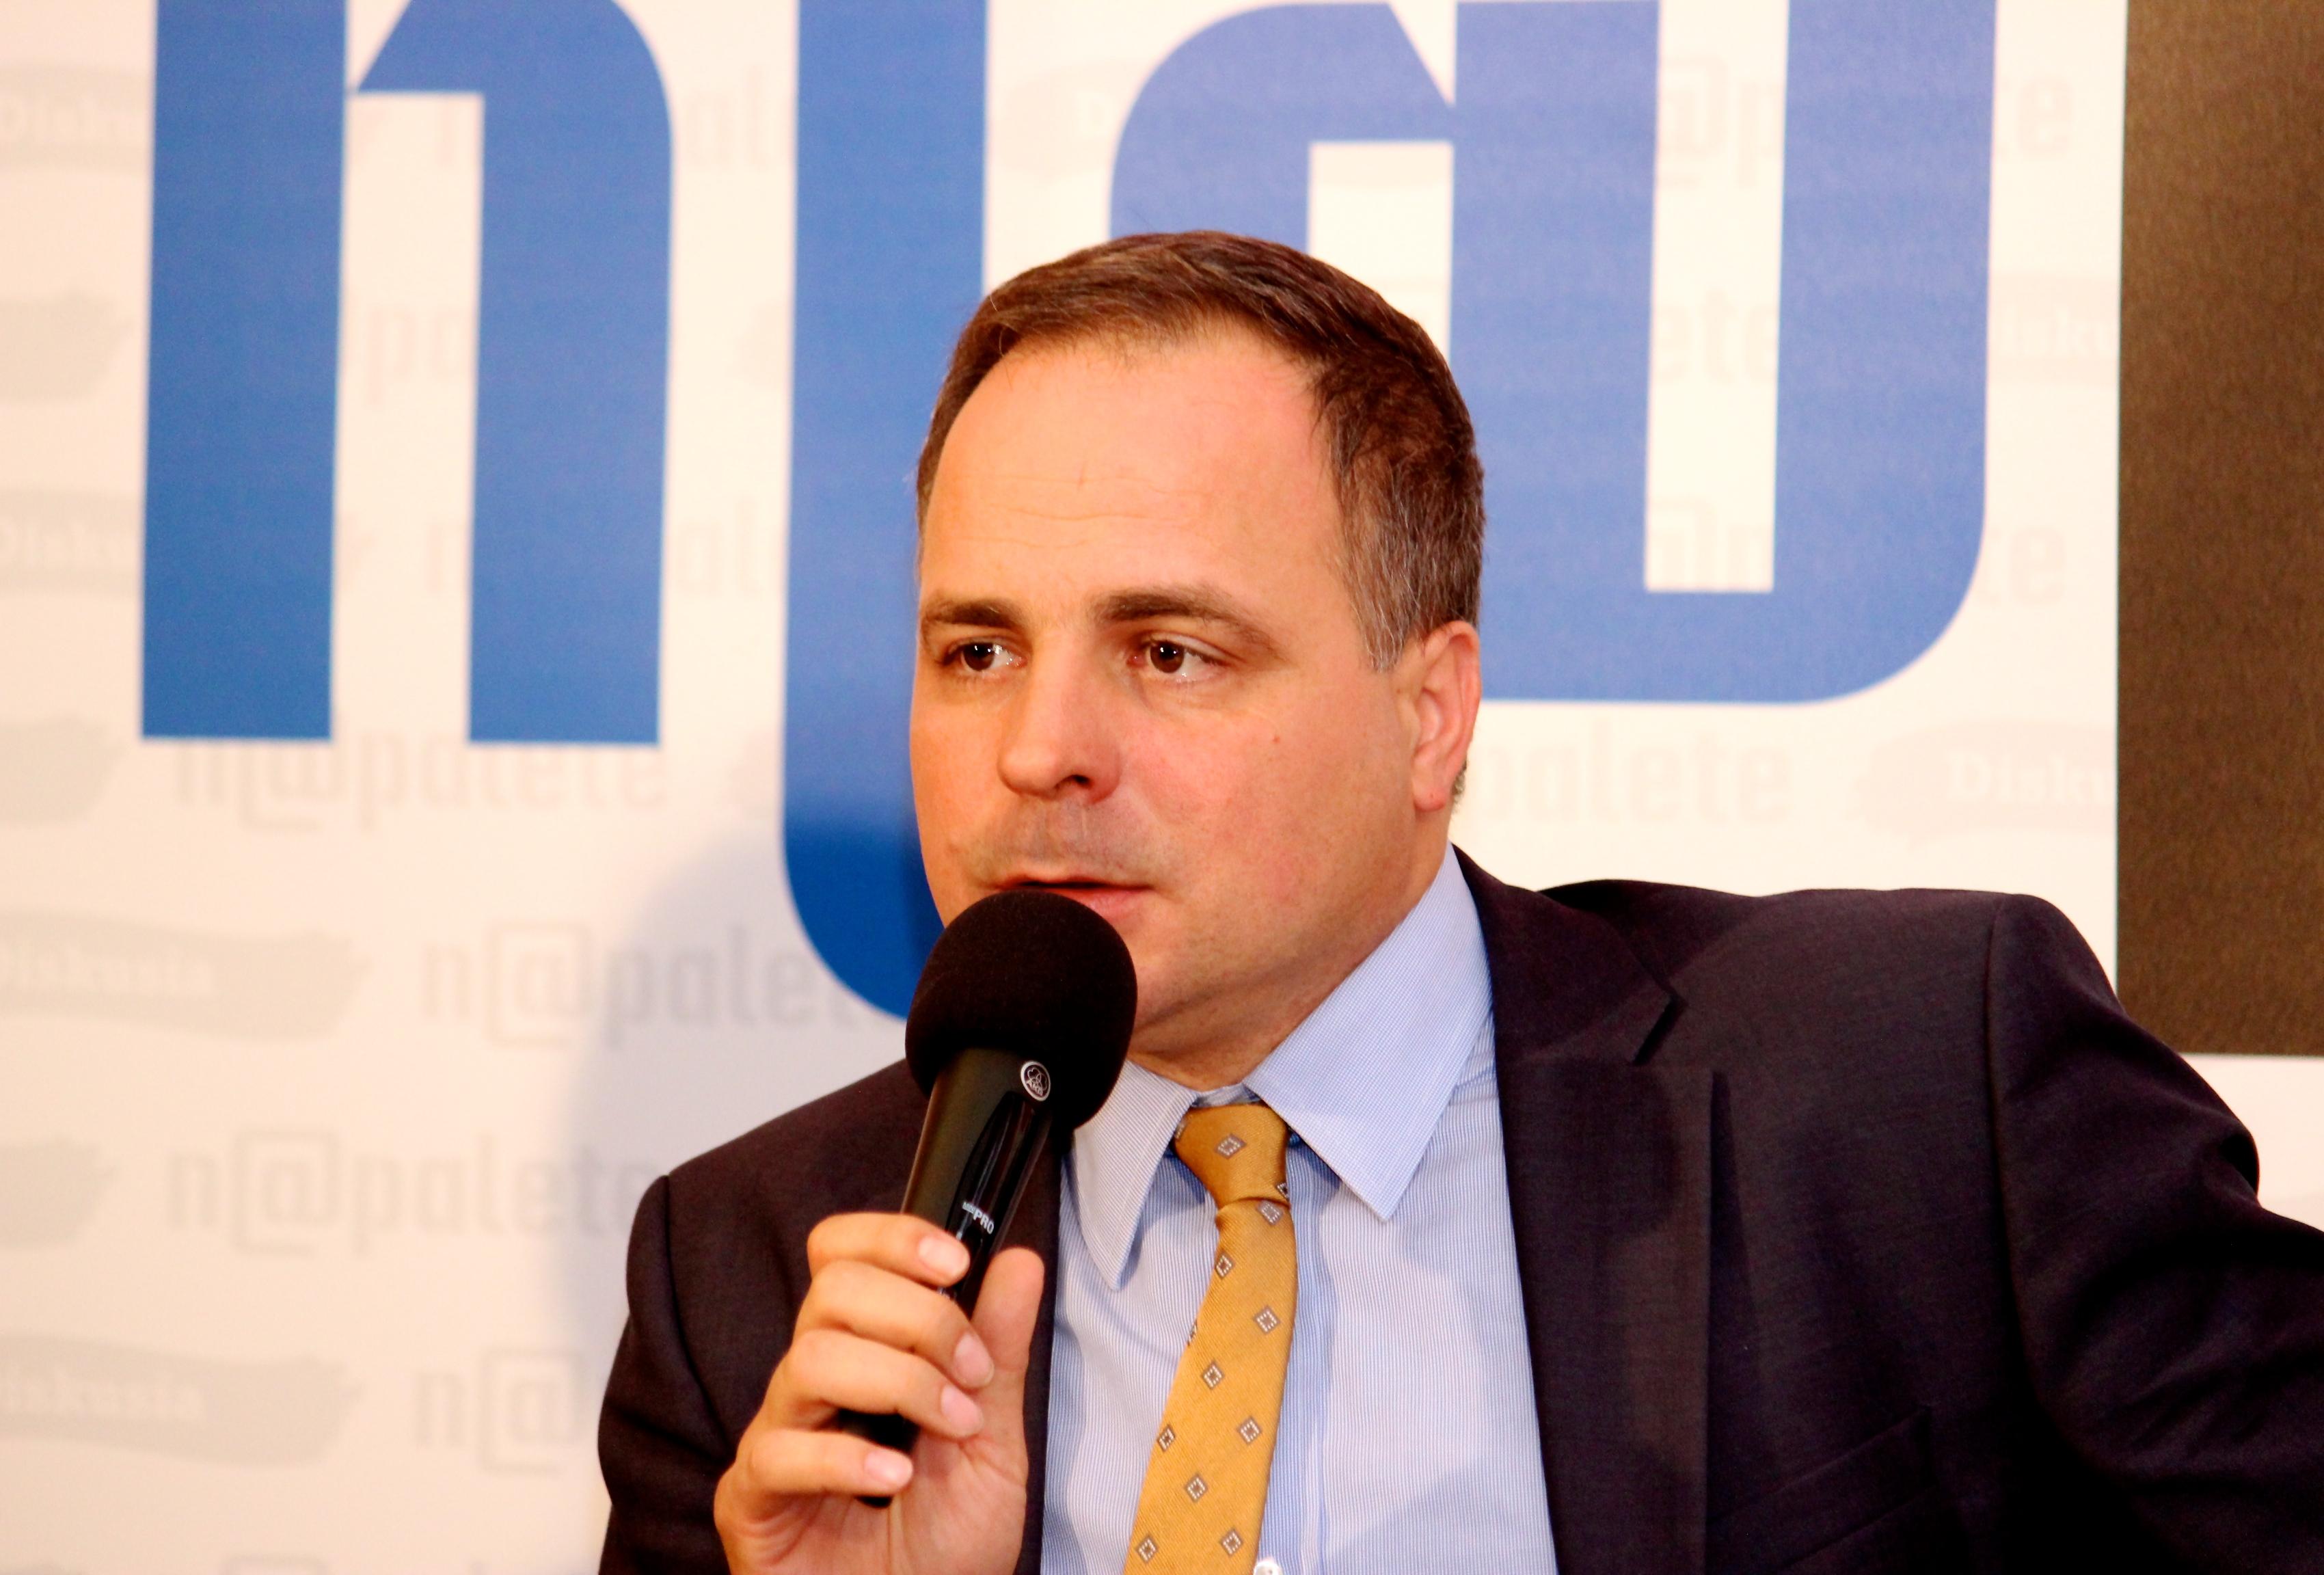 Podpredseda Zahraničného výboru NR SR Juraj Droba. (Foto: Michaela Kolimárová)